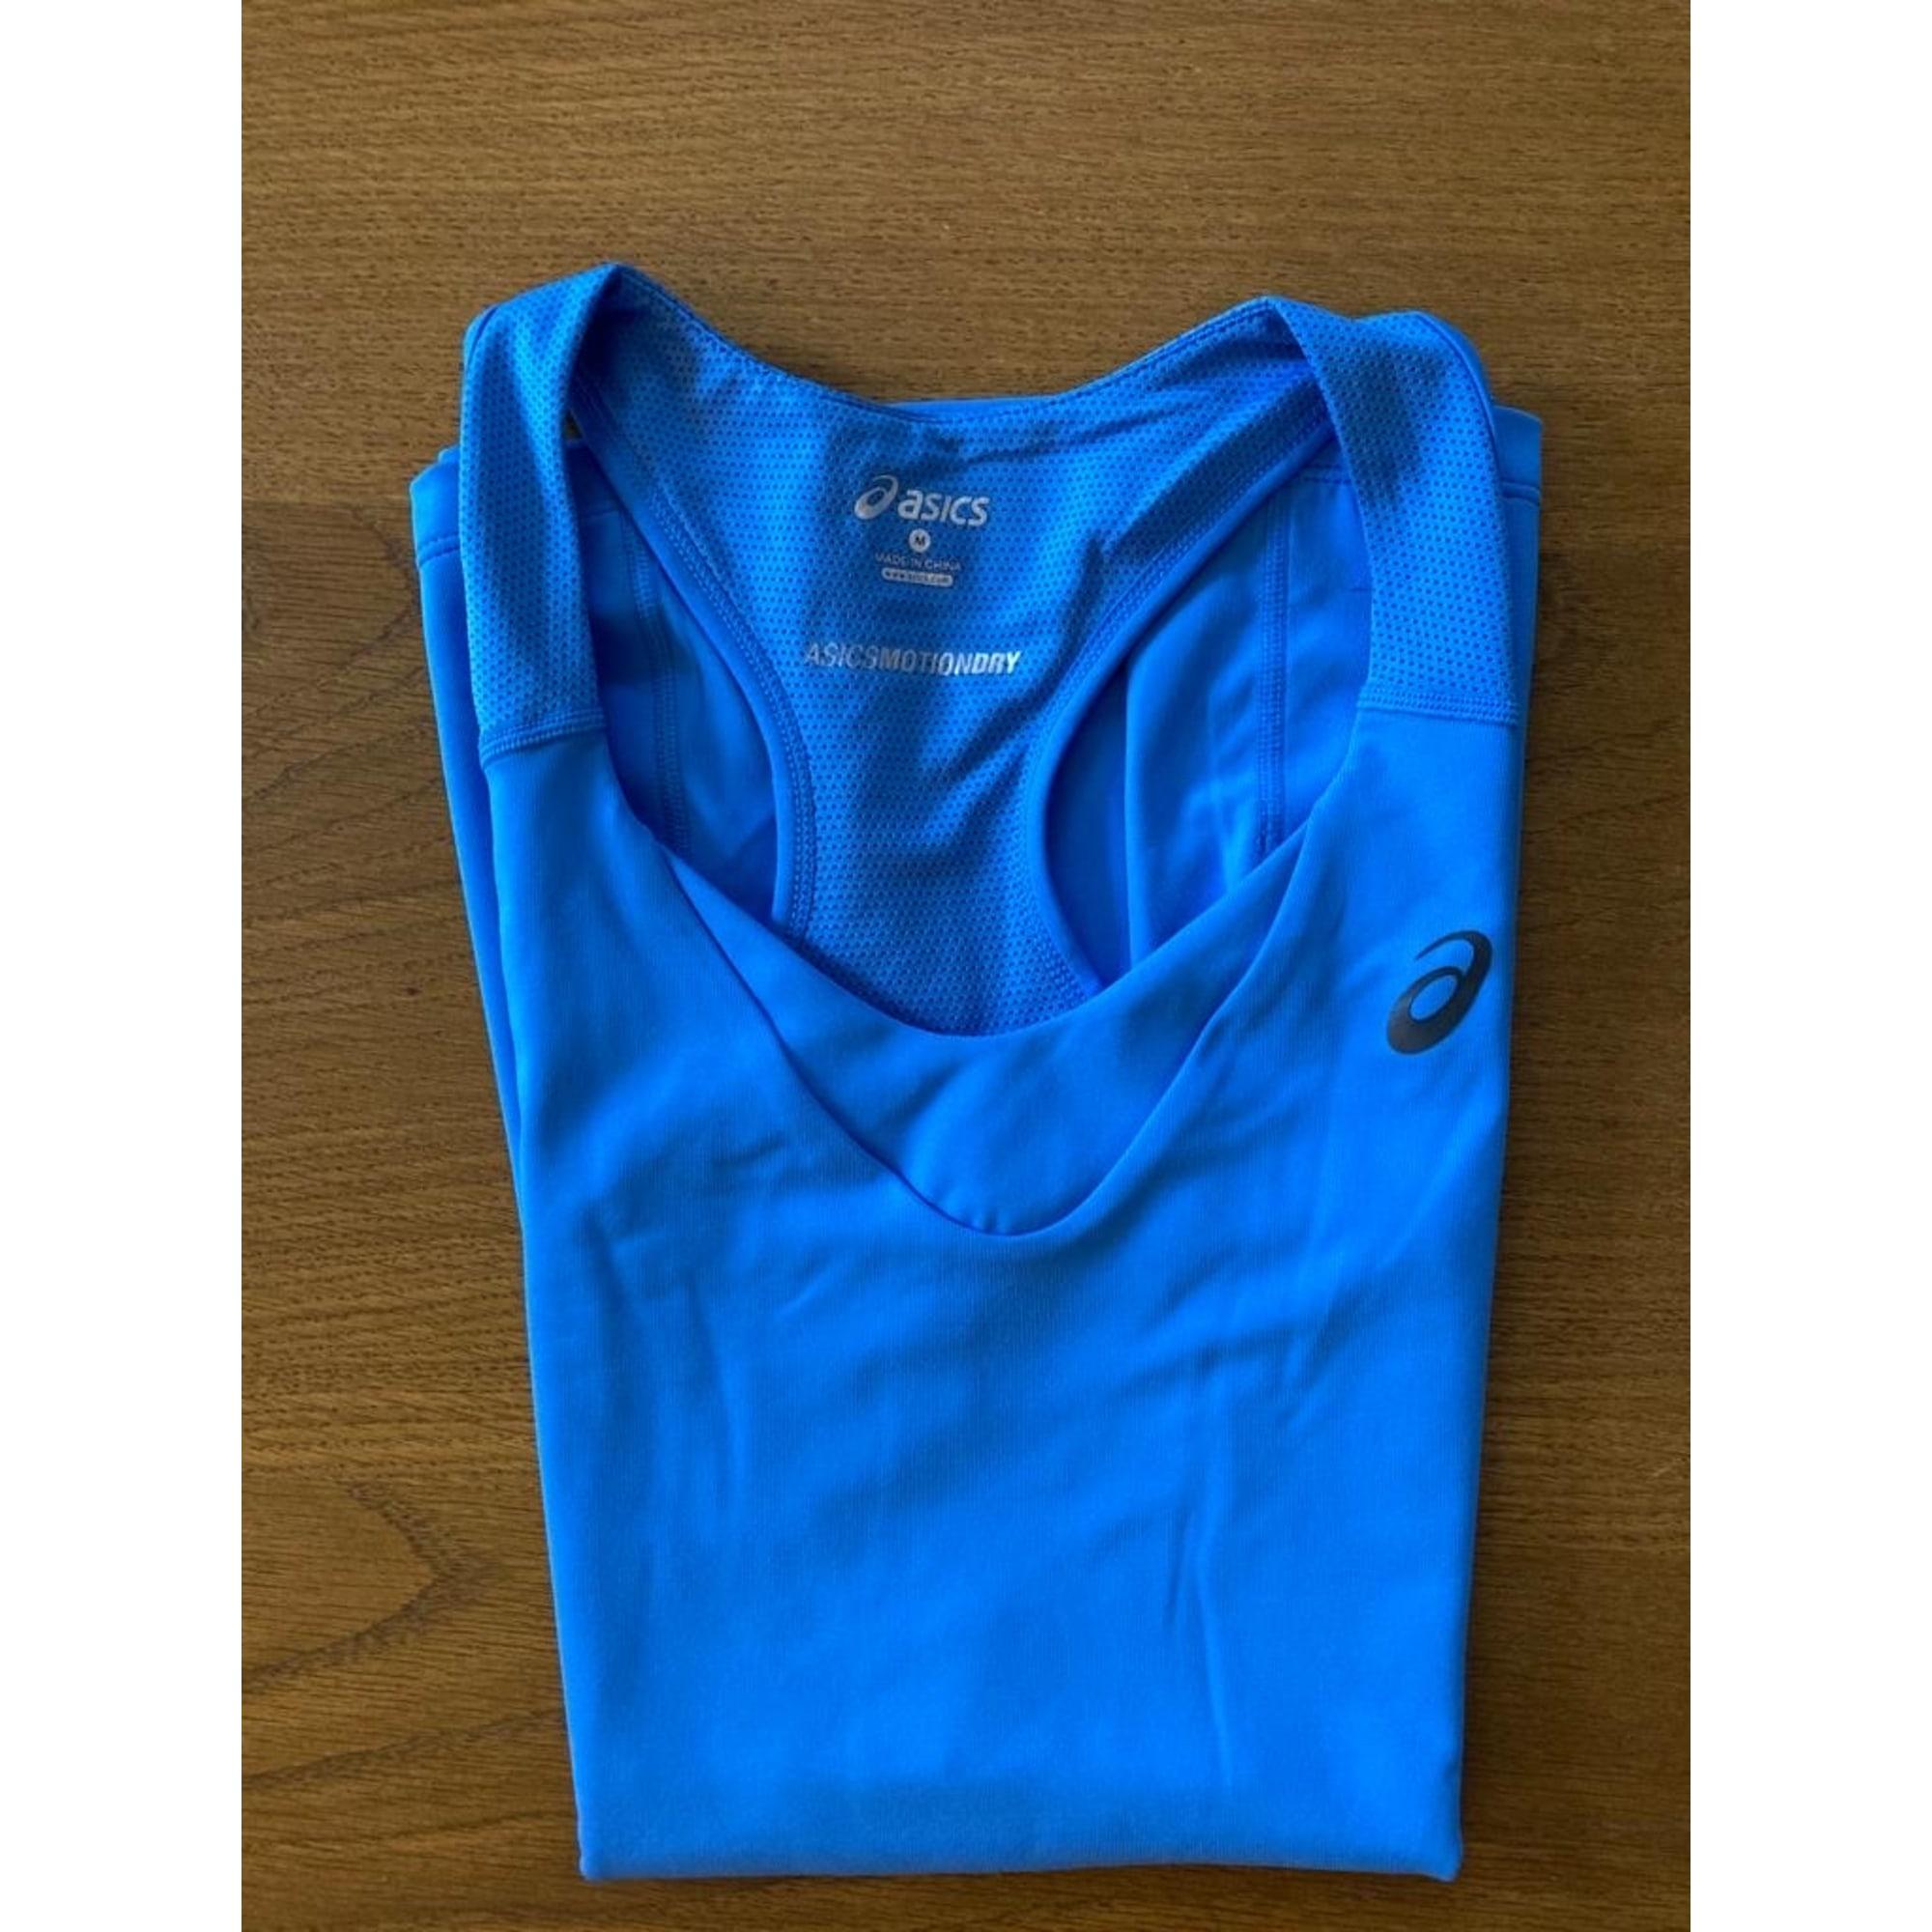 Débardeur ASICS Bleu, bleu marine, bleu turquoise